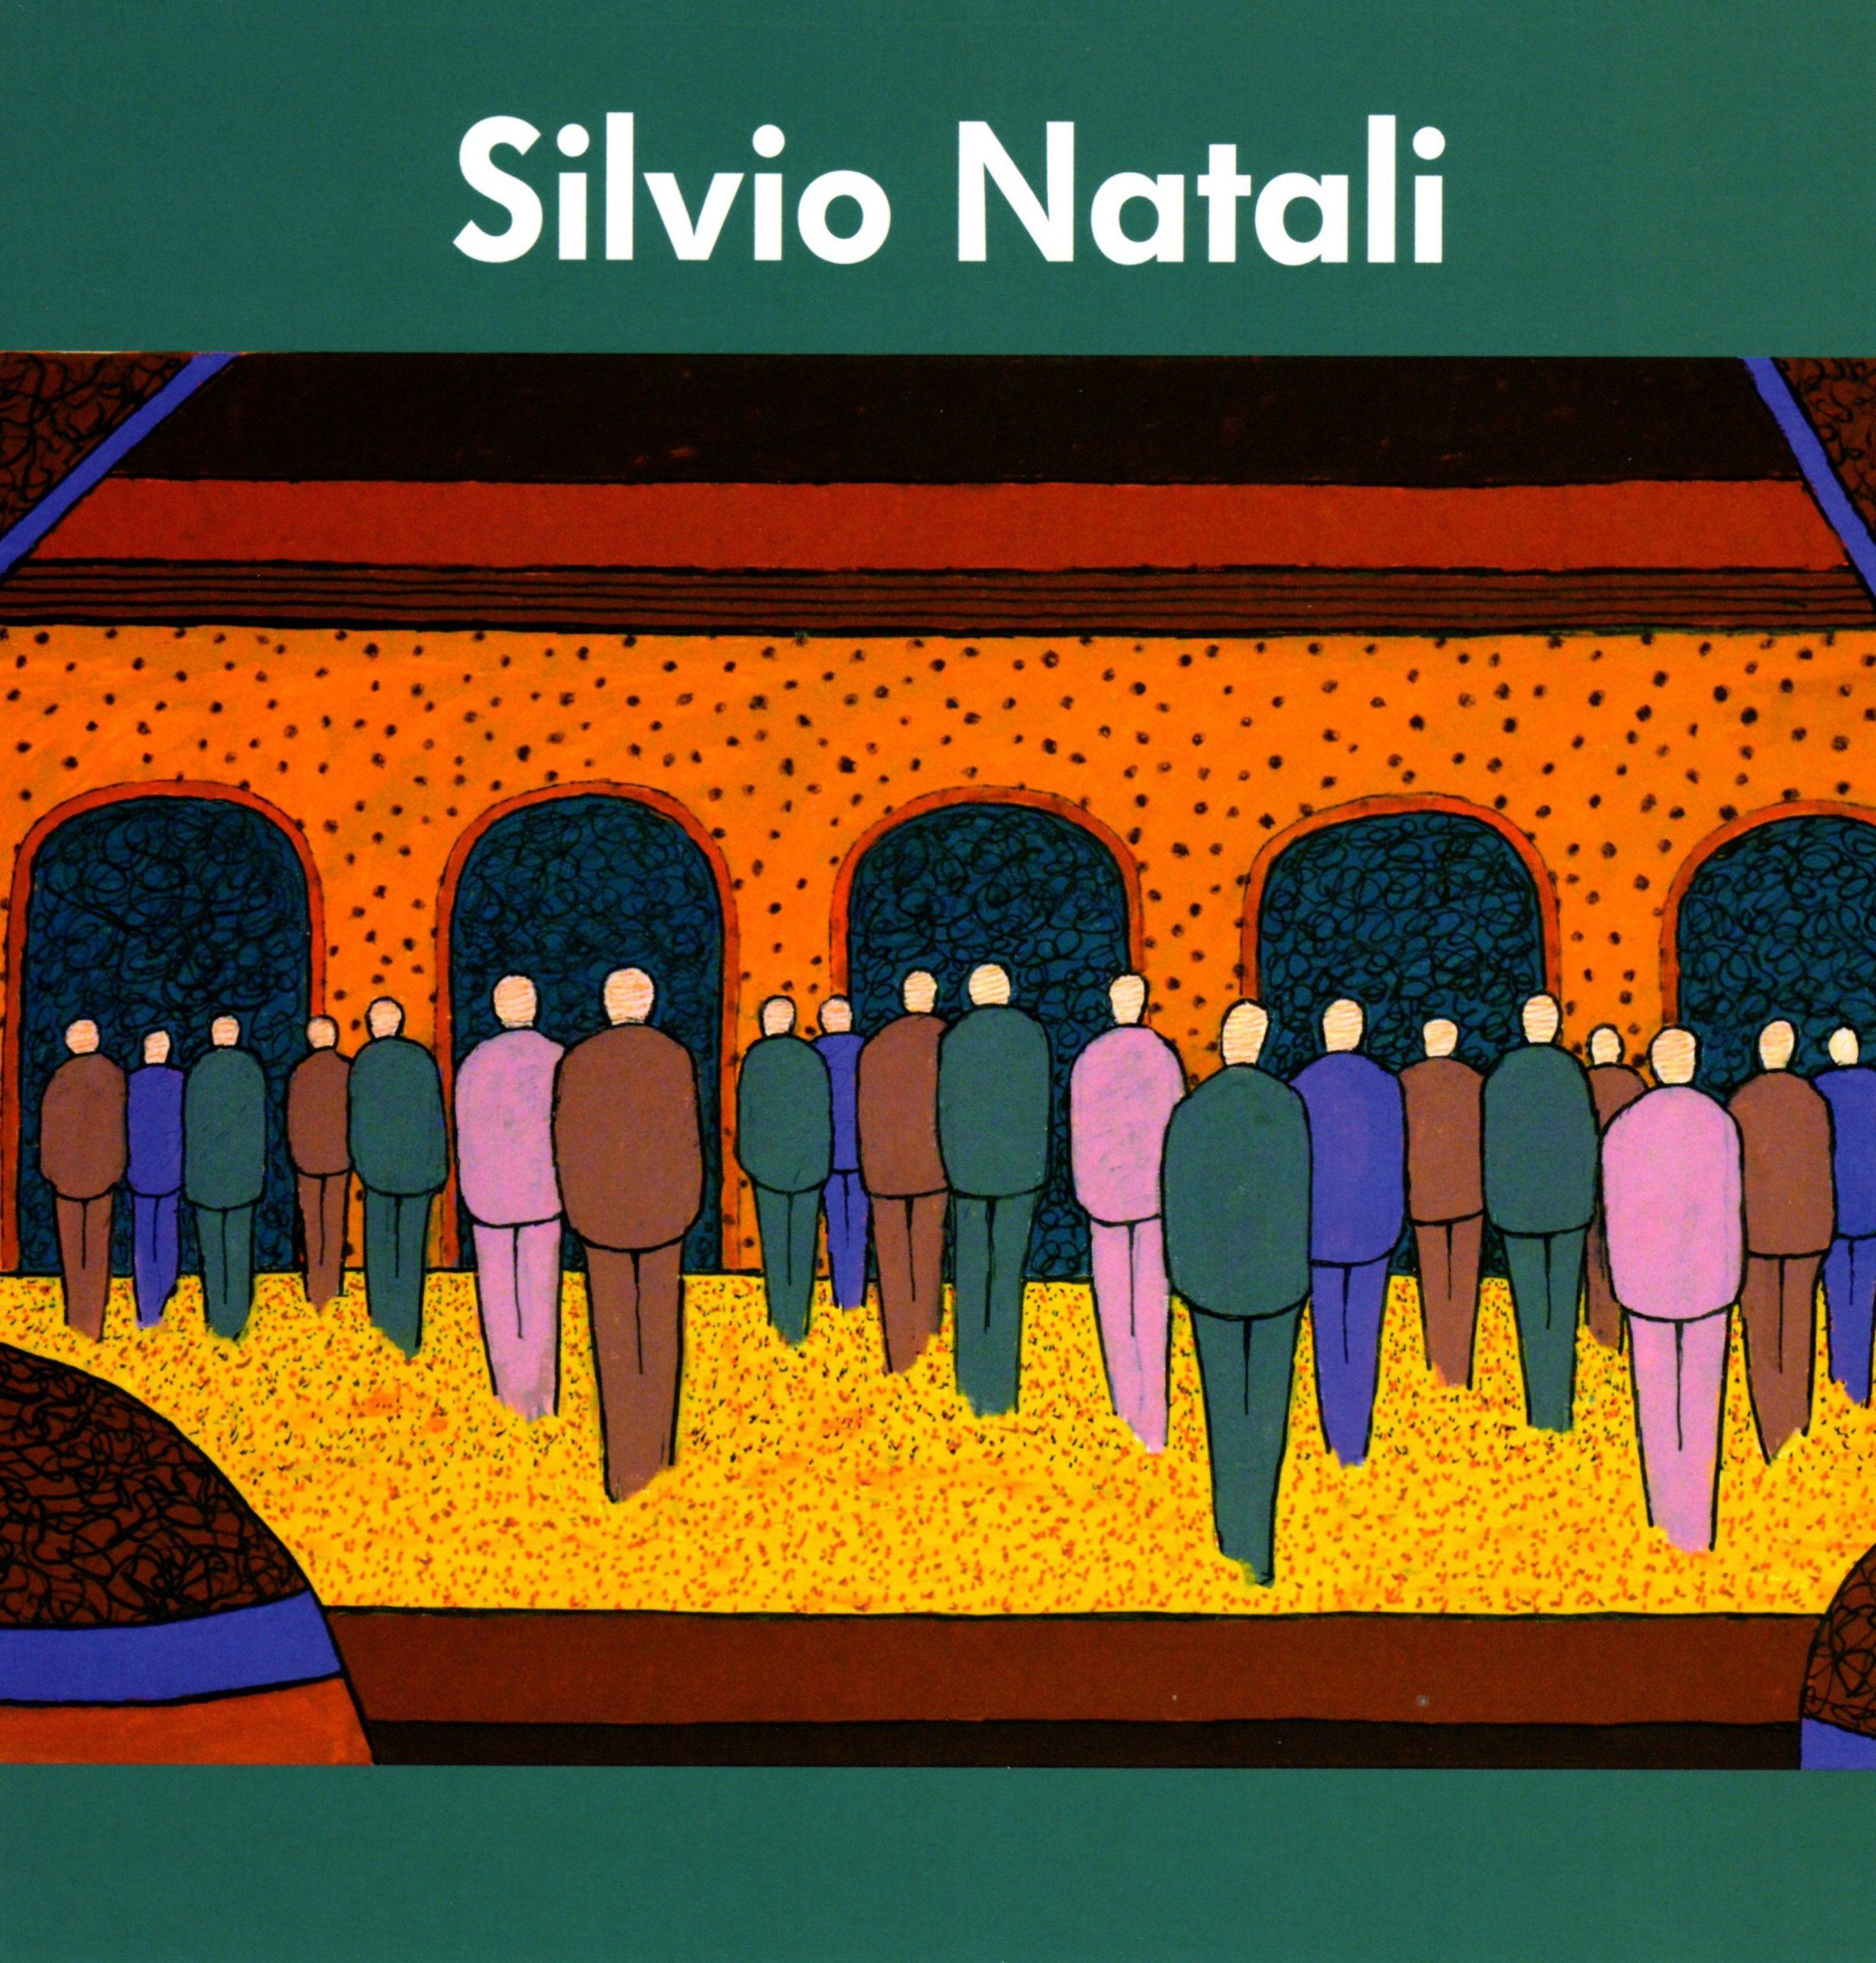 Silvio Natali